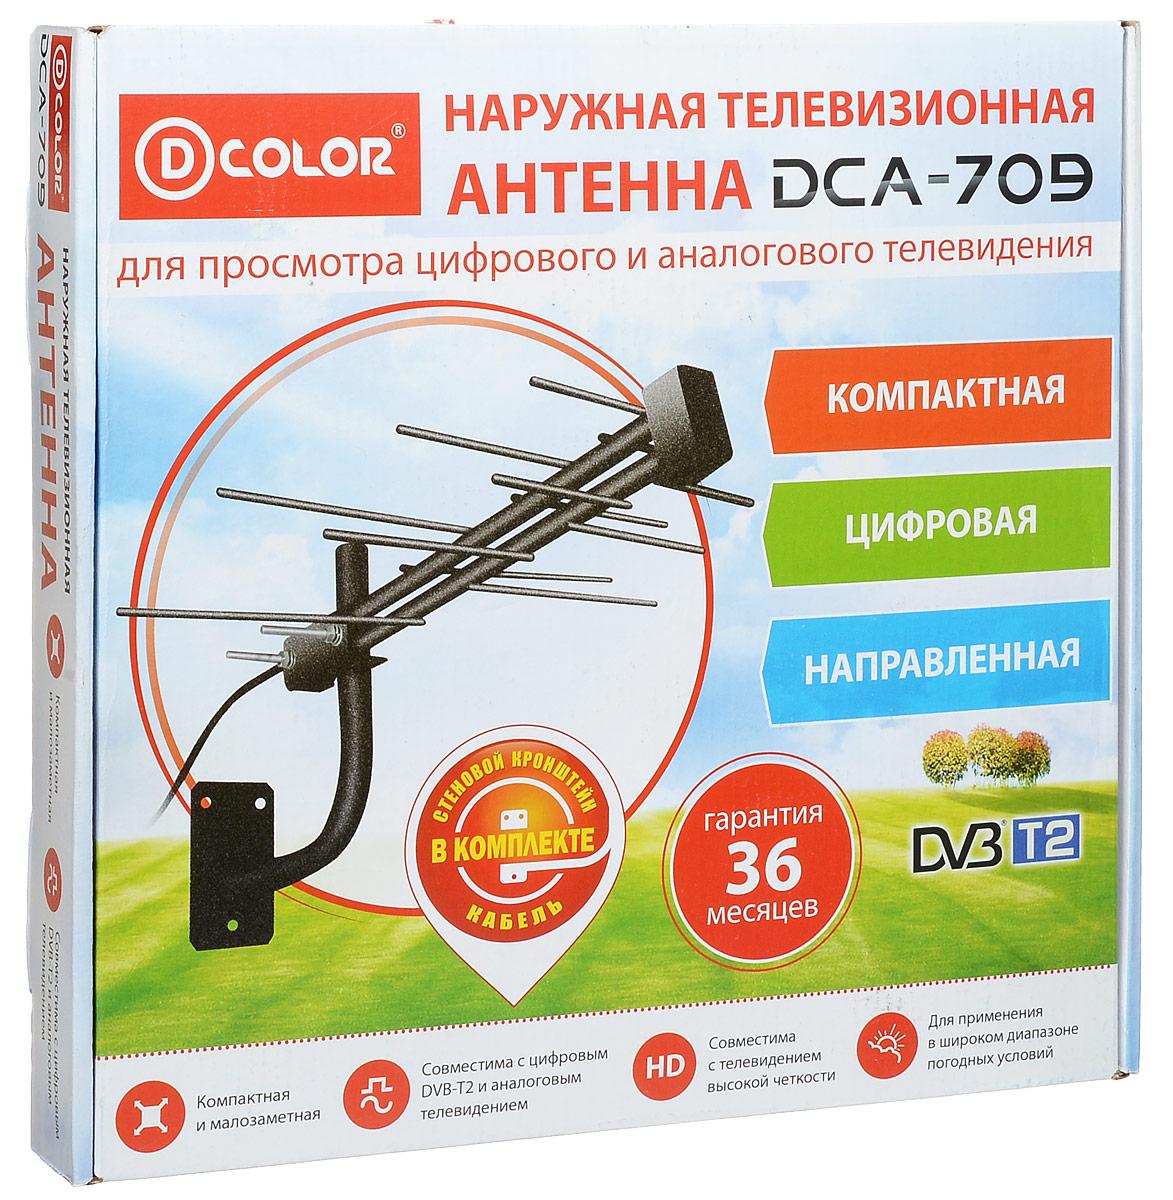 D-Color DCA-709 антенна для цифрового ТВ (пассивная)